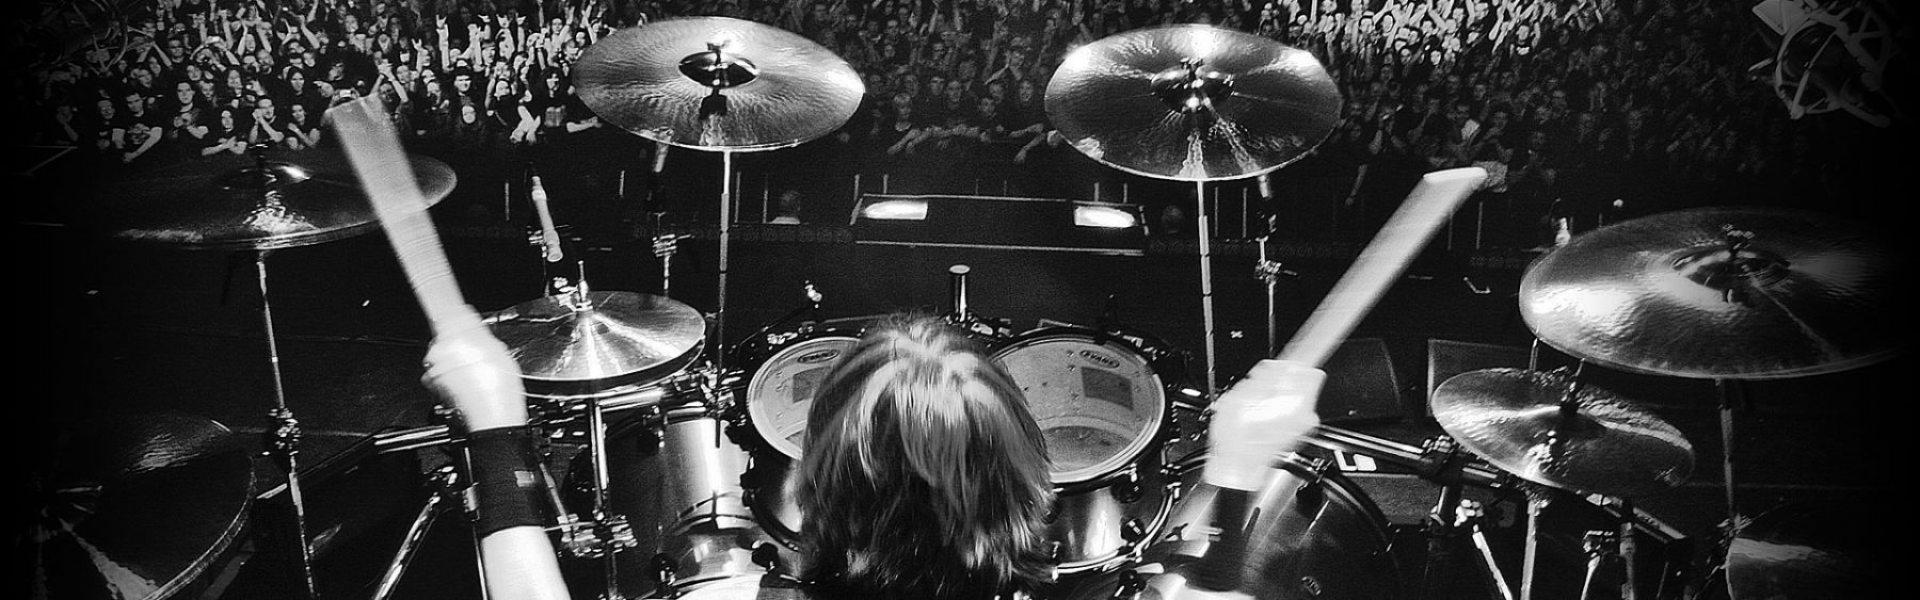 slider-drummers-view